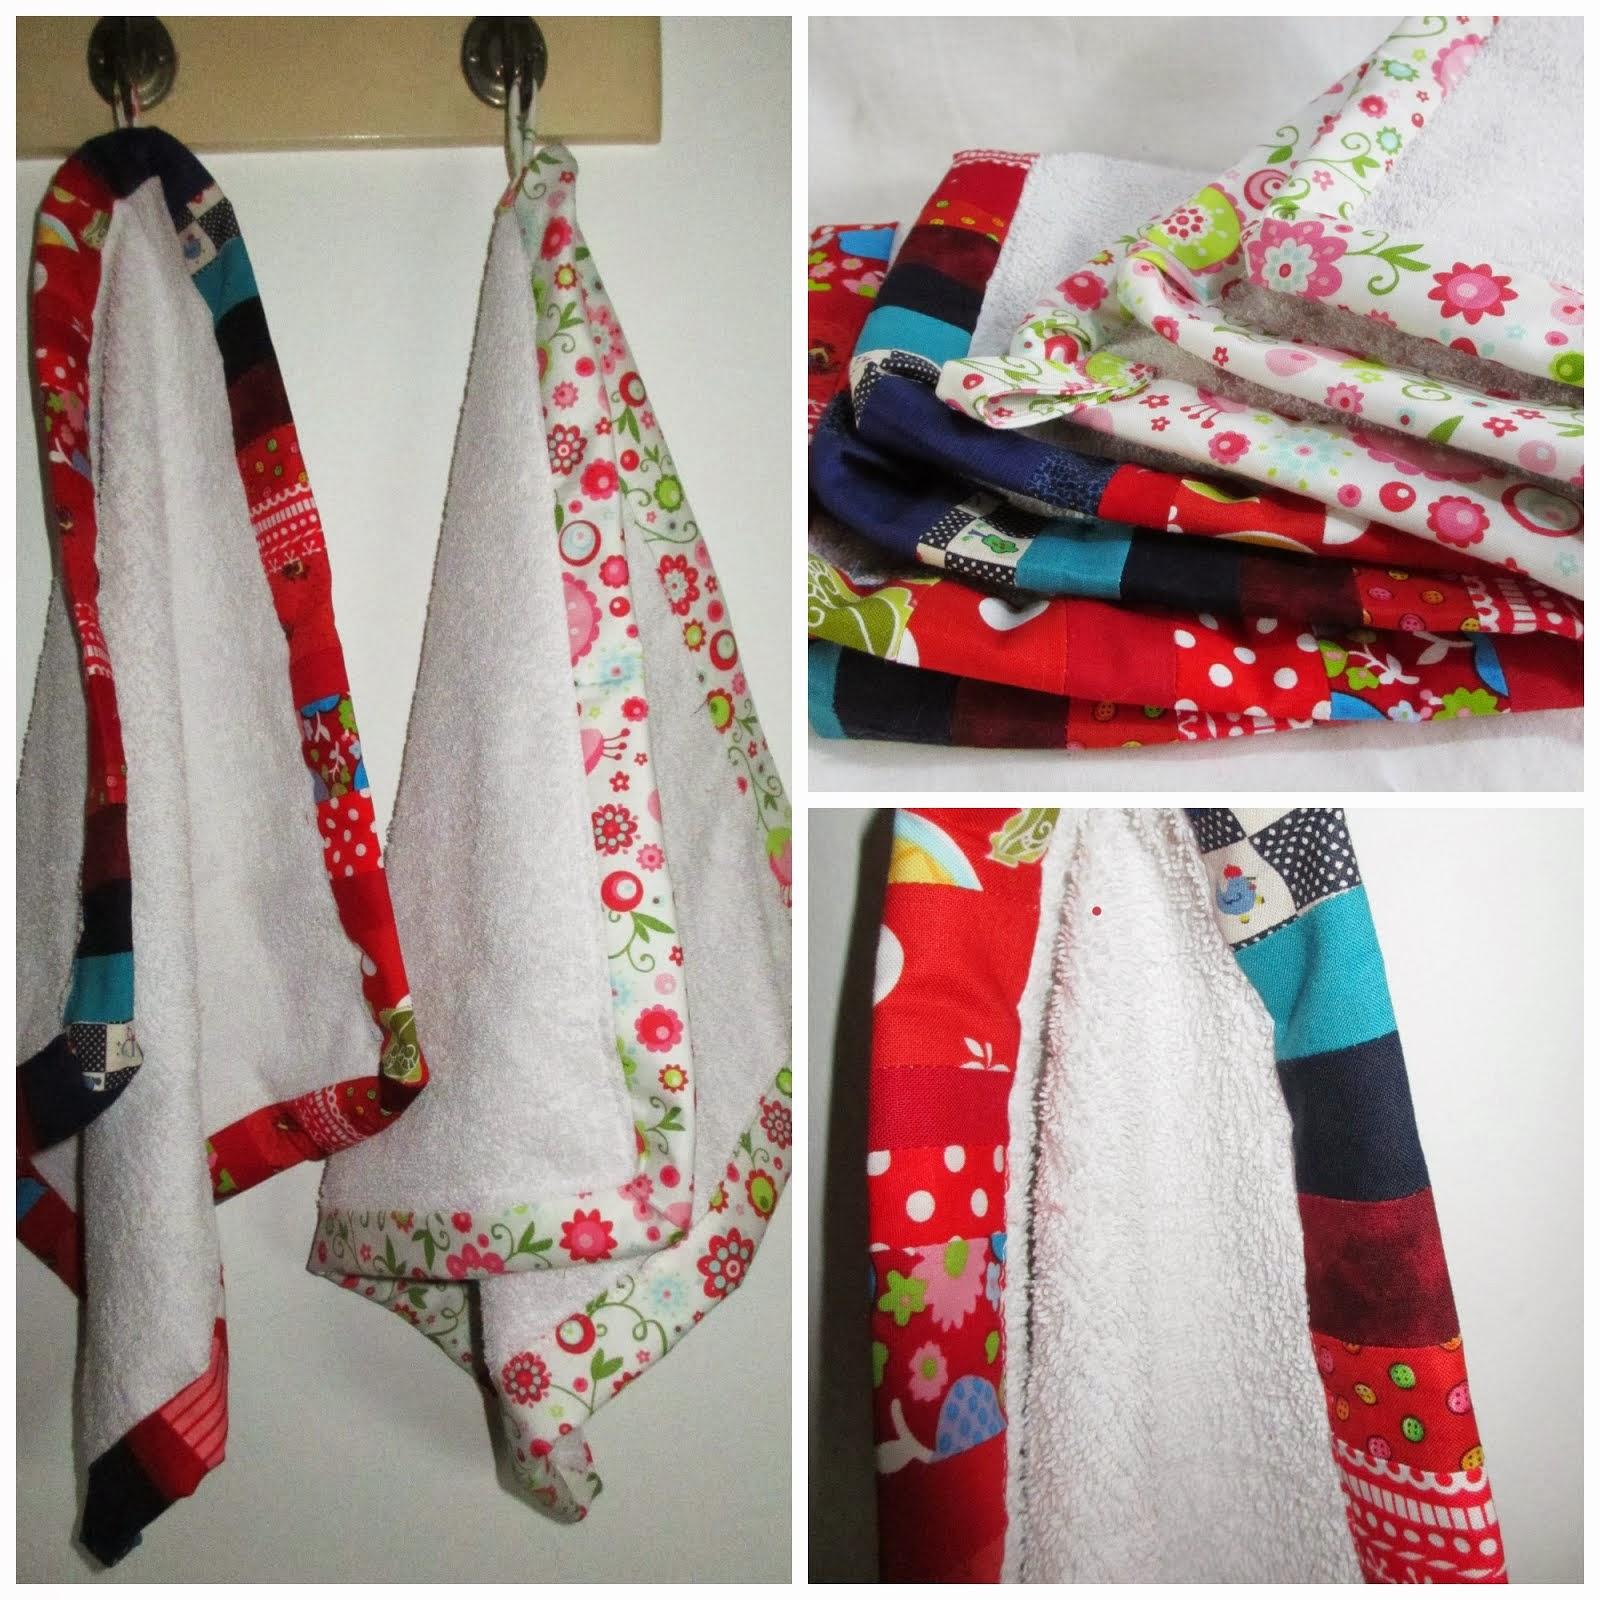 Handtücher werden lebendig bunt